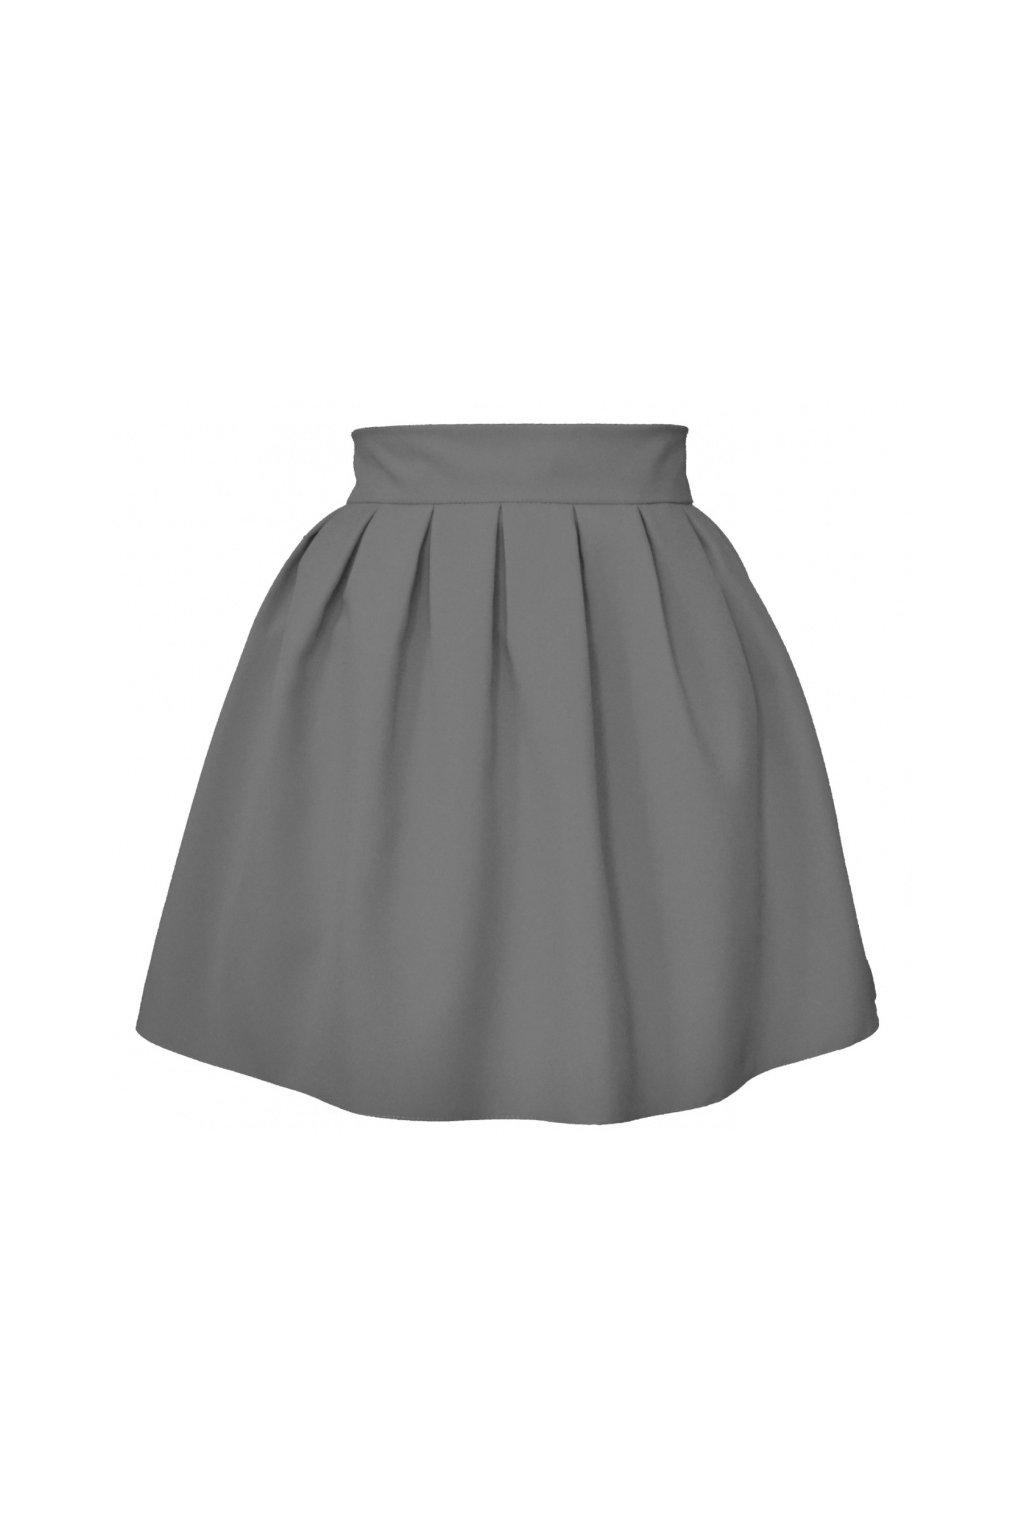 10d6271e503e Áčková sukňa mini tulip šedá - Tentation.sk